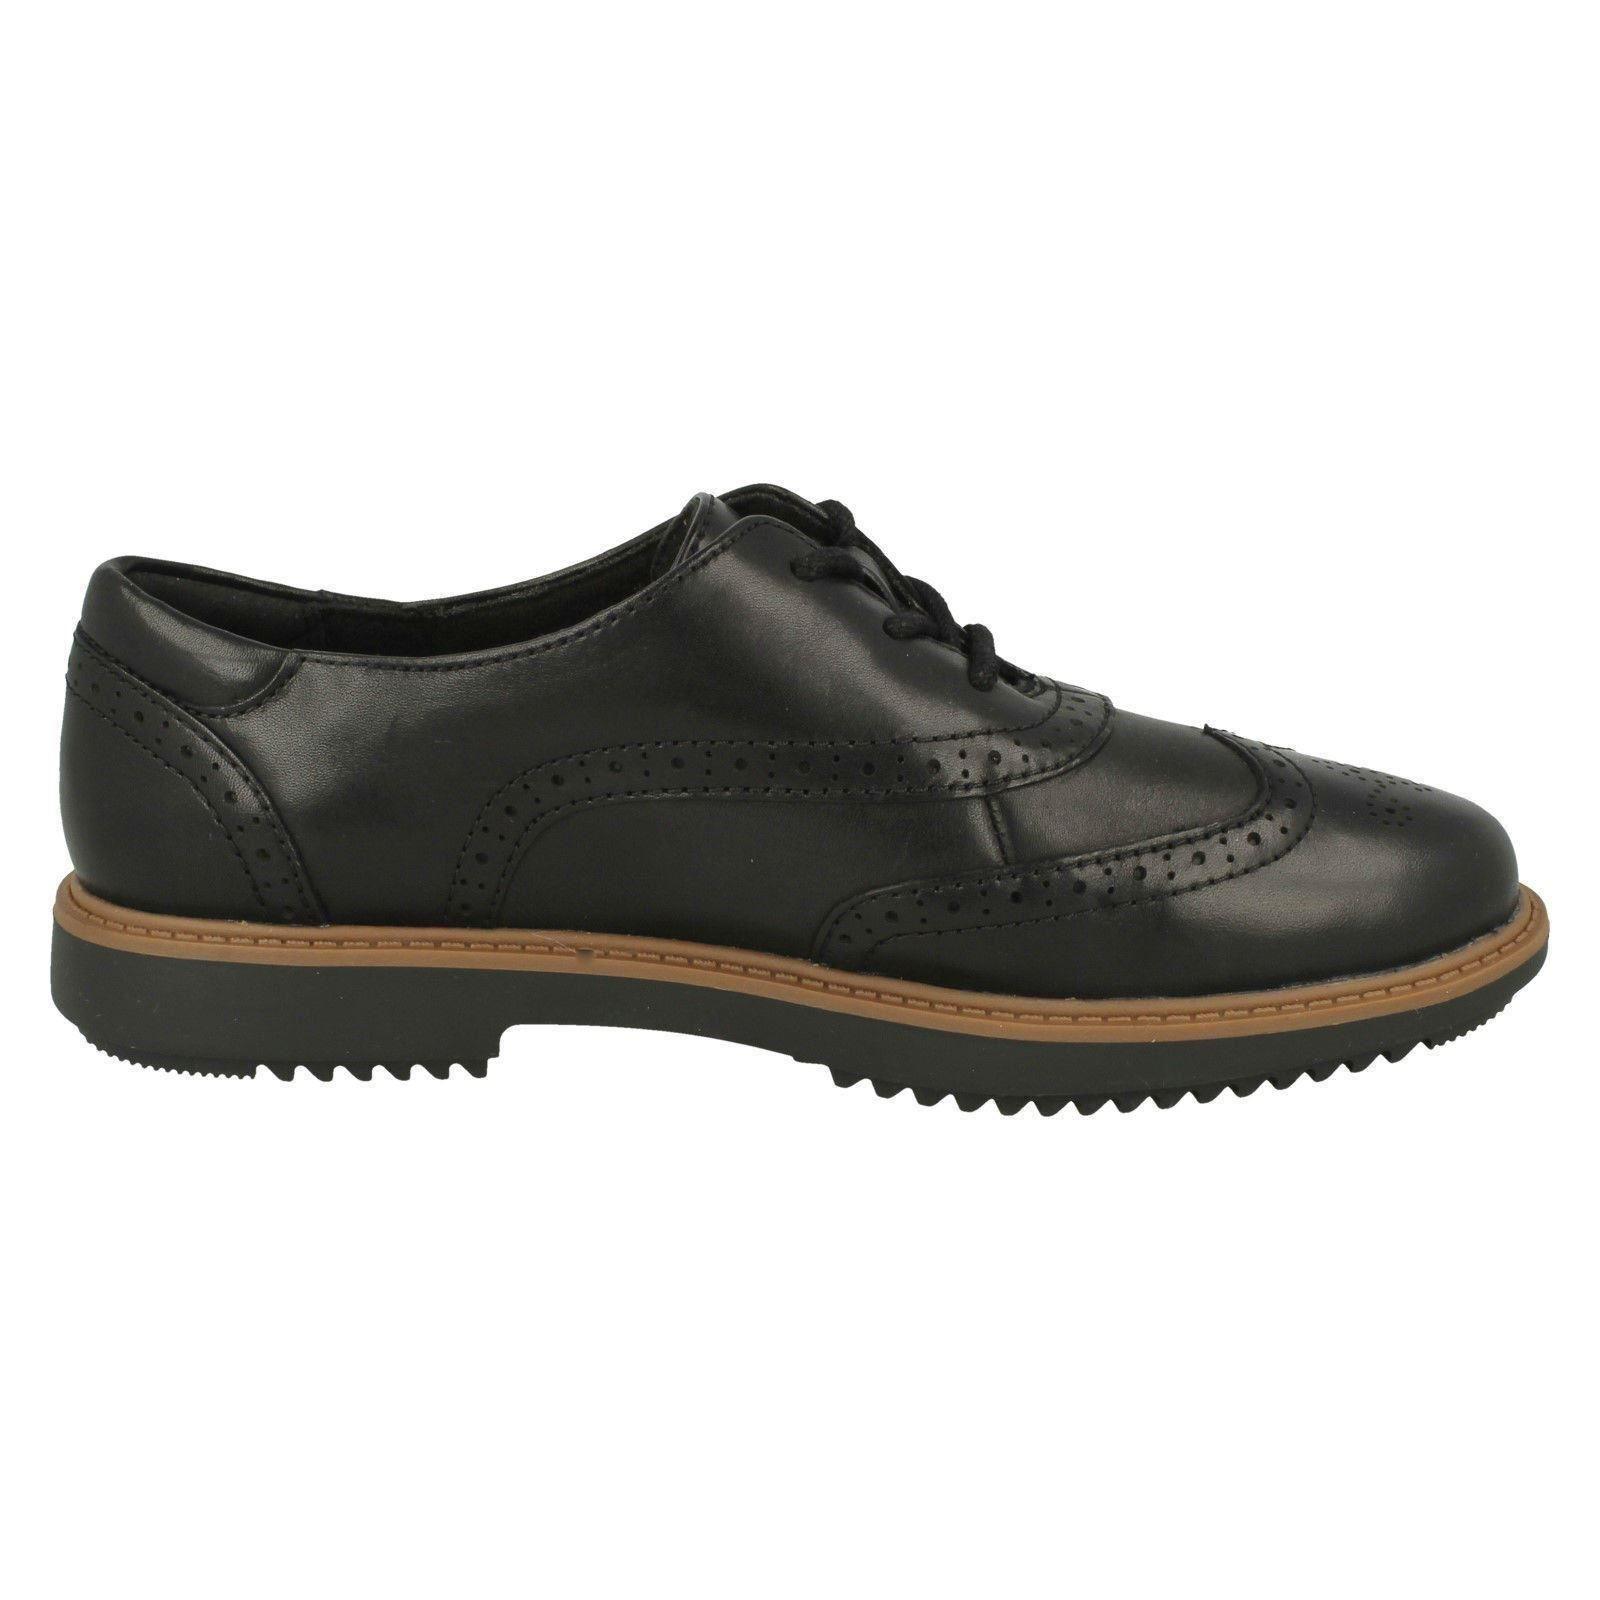 Damenschuhe Clarks Schuhe Stringate Brogue Brogue Stringate - Raisie Hilde 1a0c5f